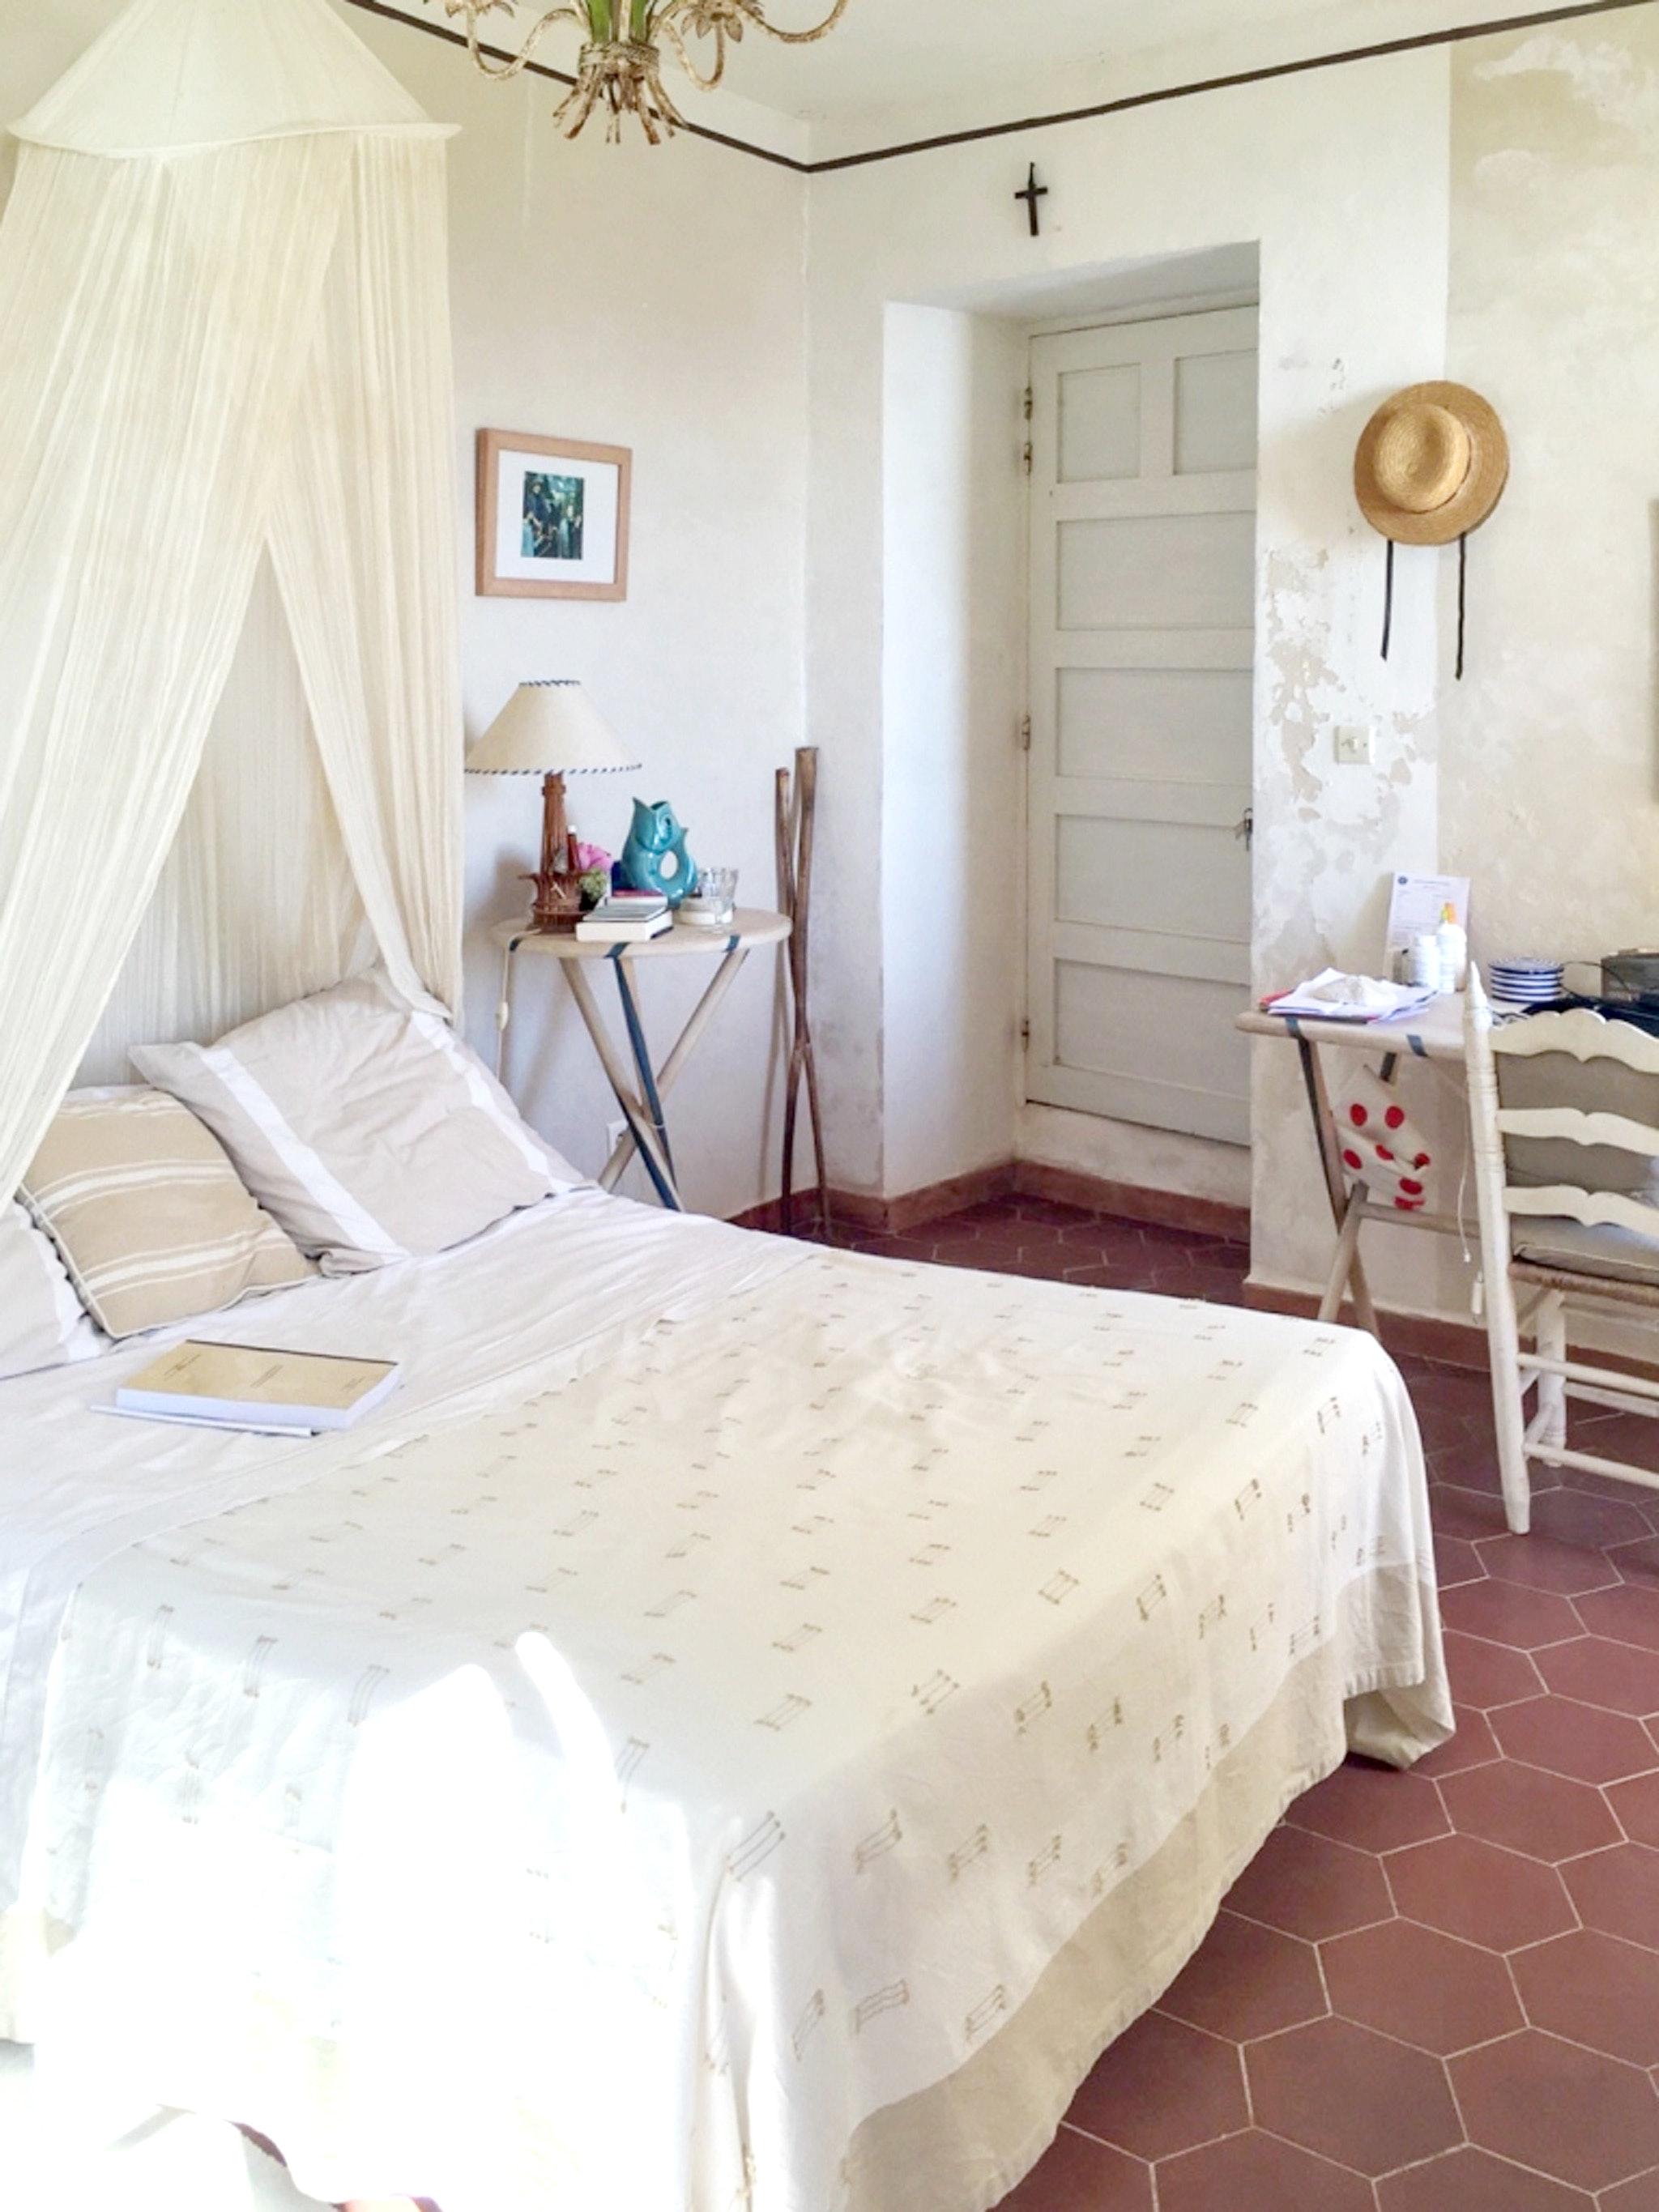 Maison de vacances Herrliches Haus mit neun Schlafzimmern und grandiosem Blick aufs Meer im hübschen Dörfchen (2202571), Centuri, Haute-Corse, Corse, France, image 17